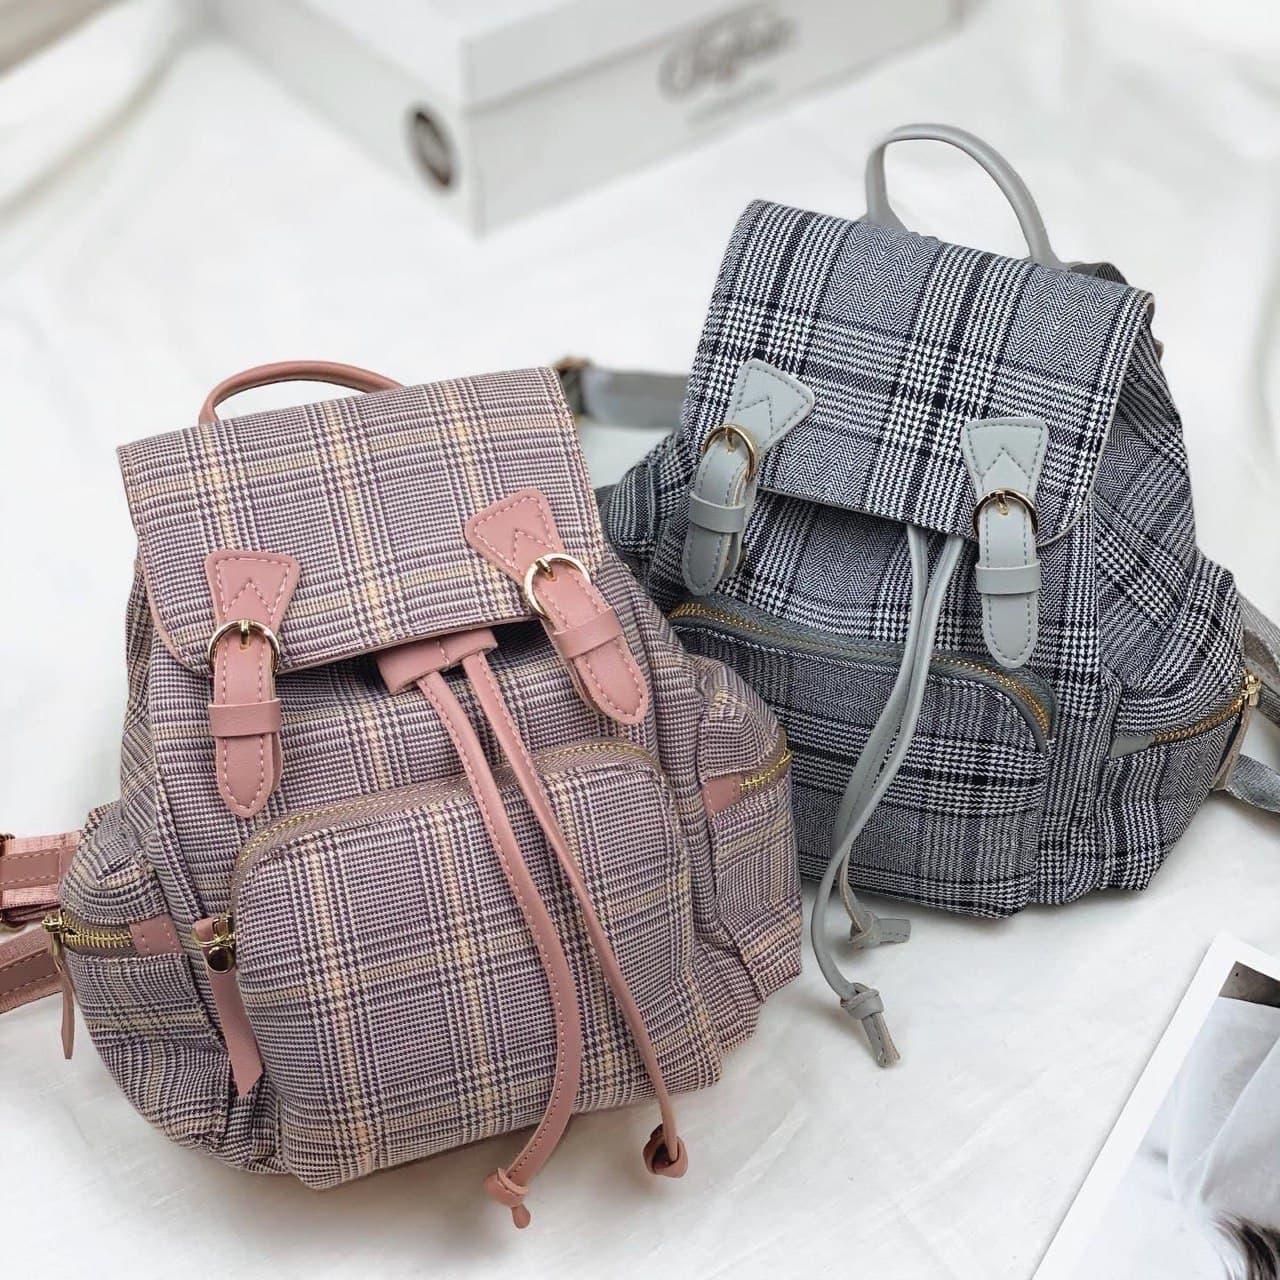 Невеликий рюкзак твідовий